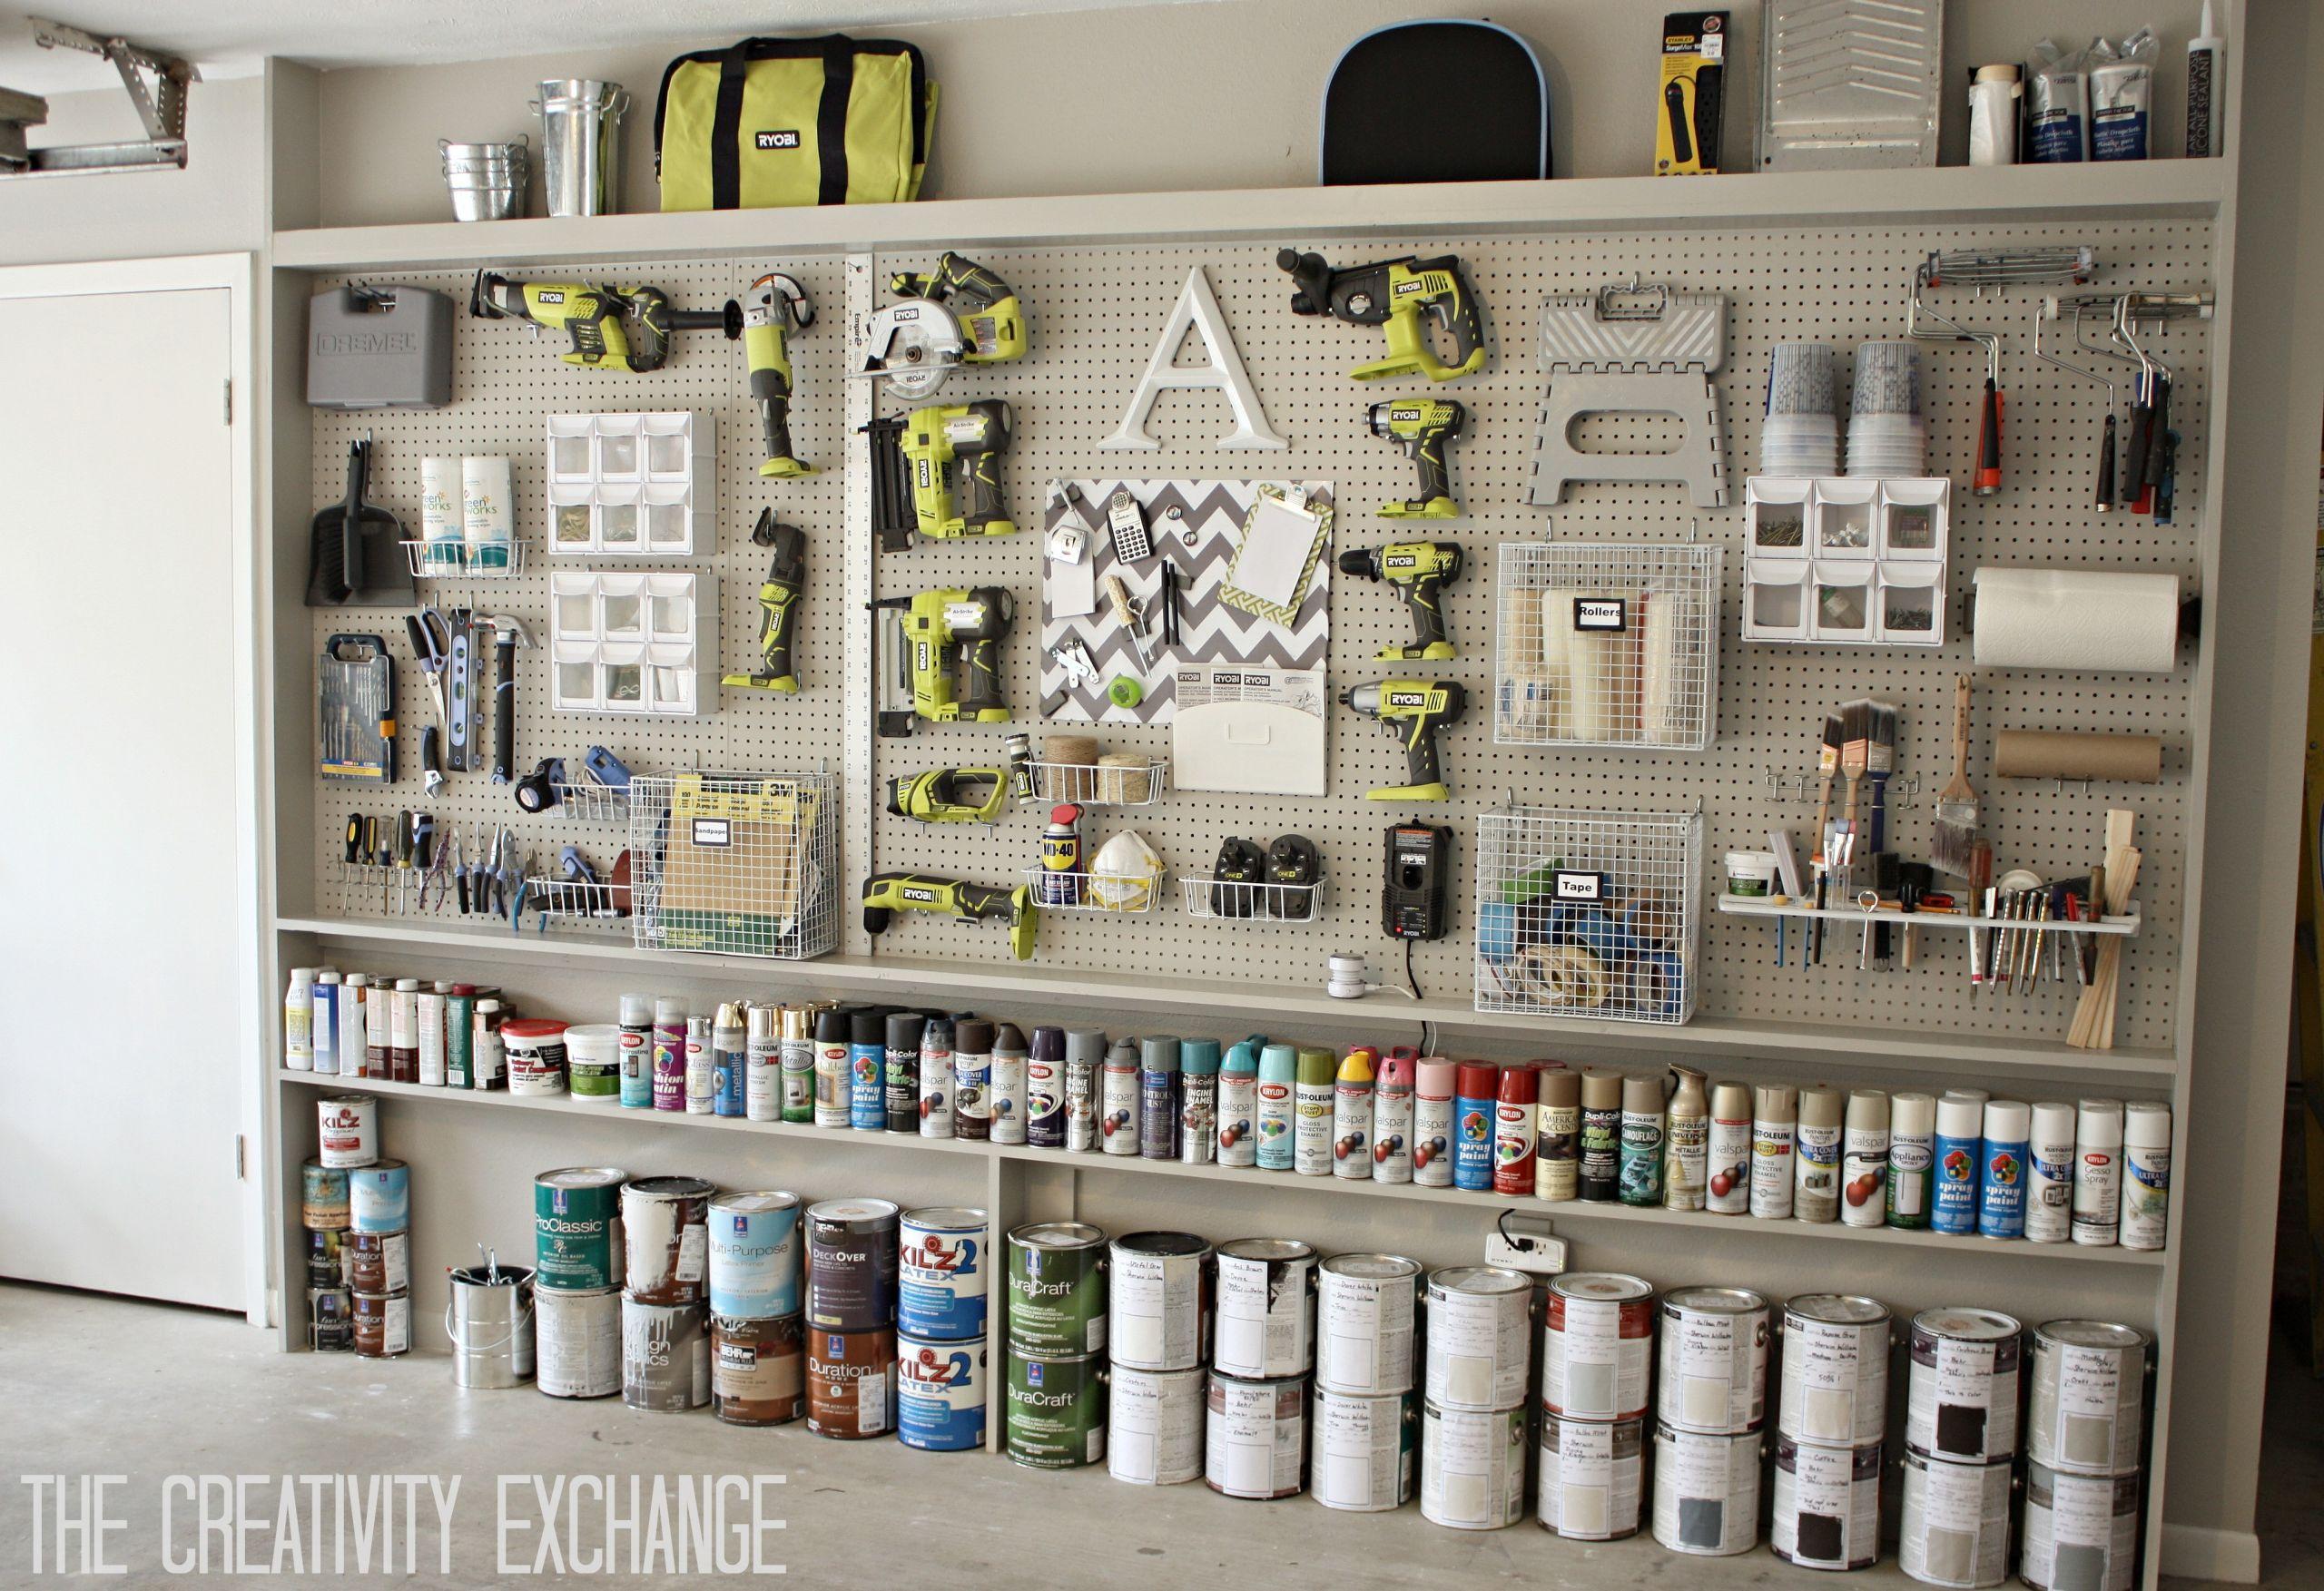 Garage Organization Ideas  Organizing the Garage with DIY Pegboard Storage Wall